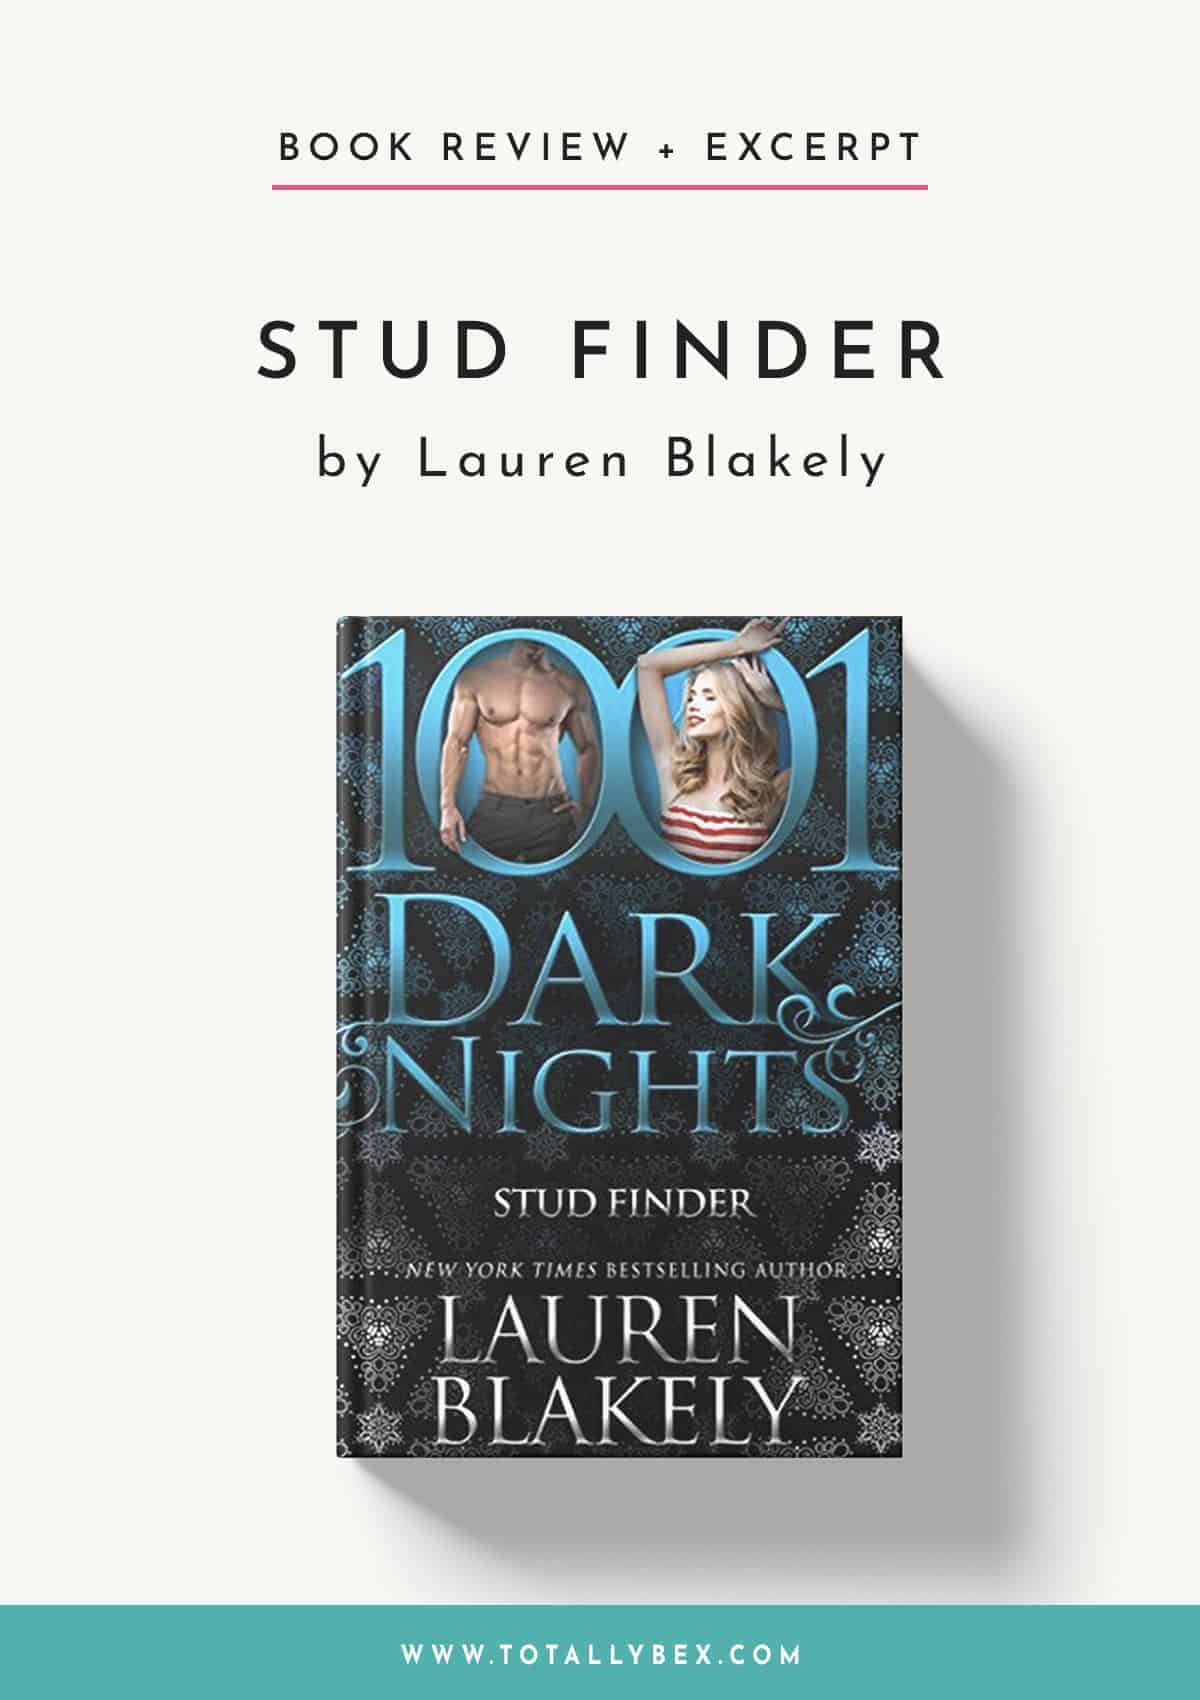 Stud Finder by Lauren Blakely-Book Review+Excerpt